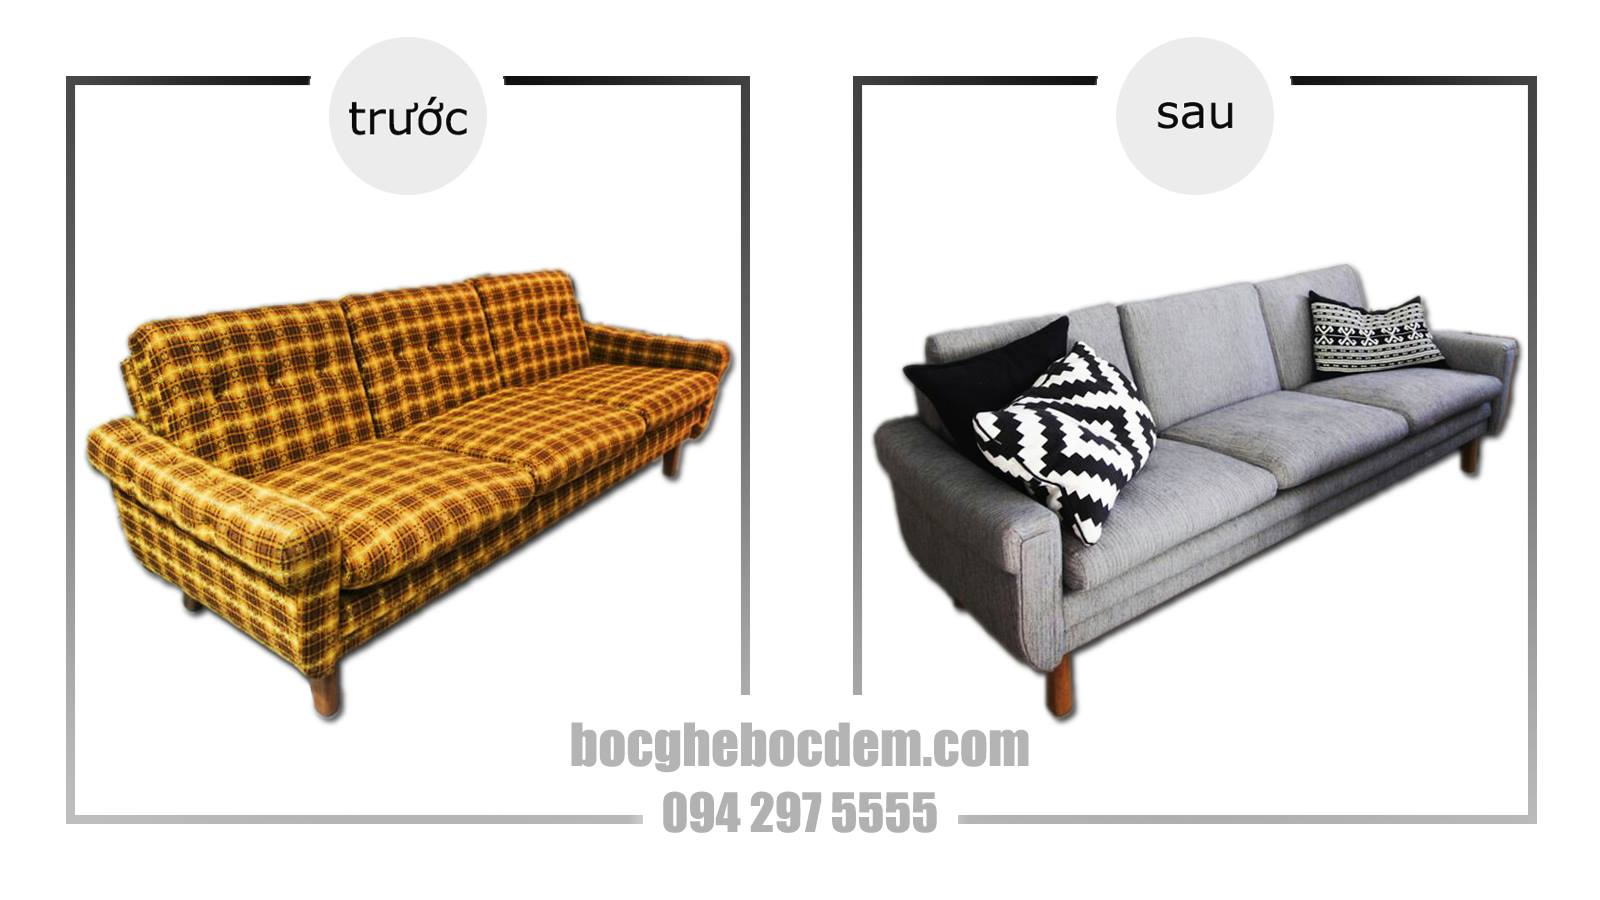 Cơ sở chuyên làm đệm ghế gỗ tốt nhất tại Hà Nội